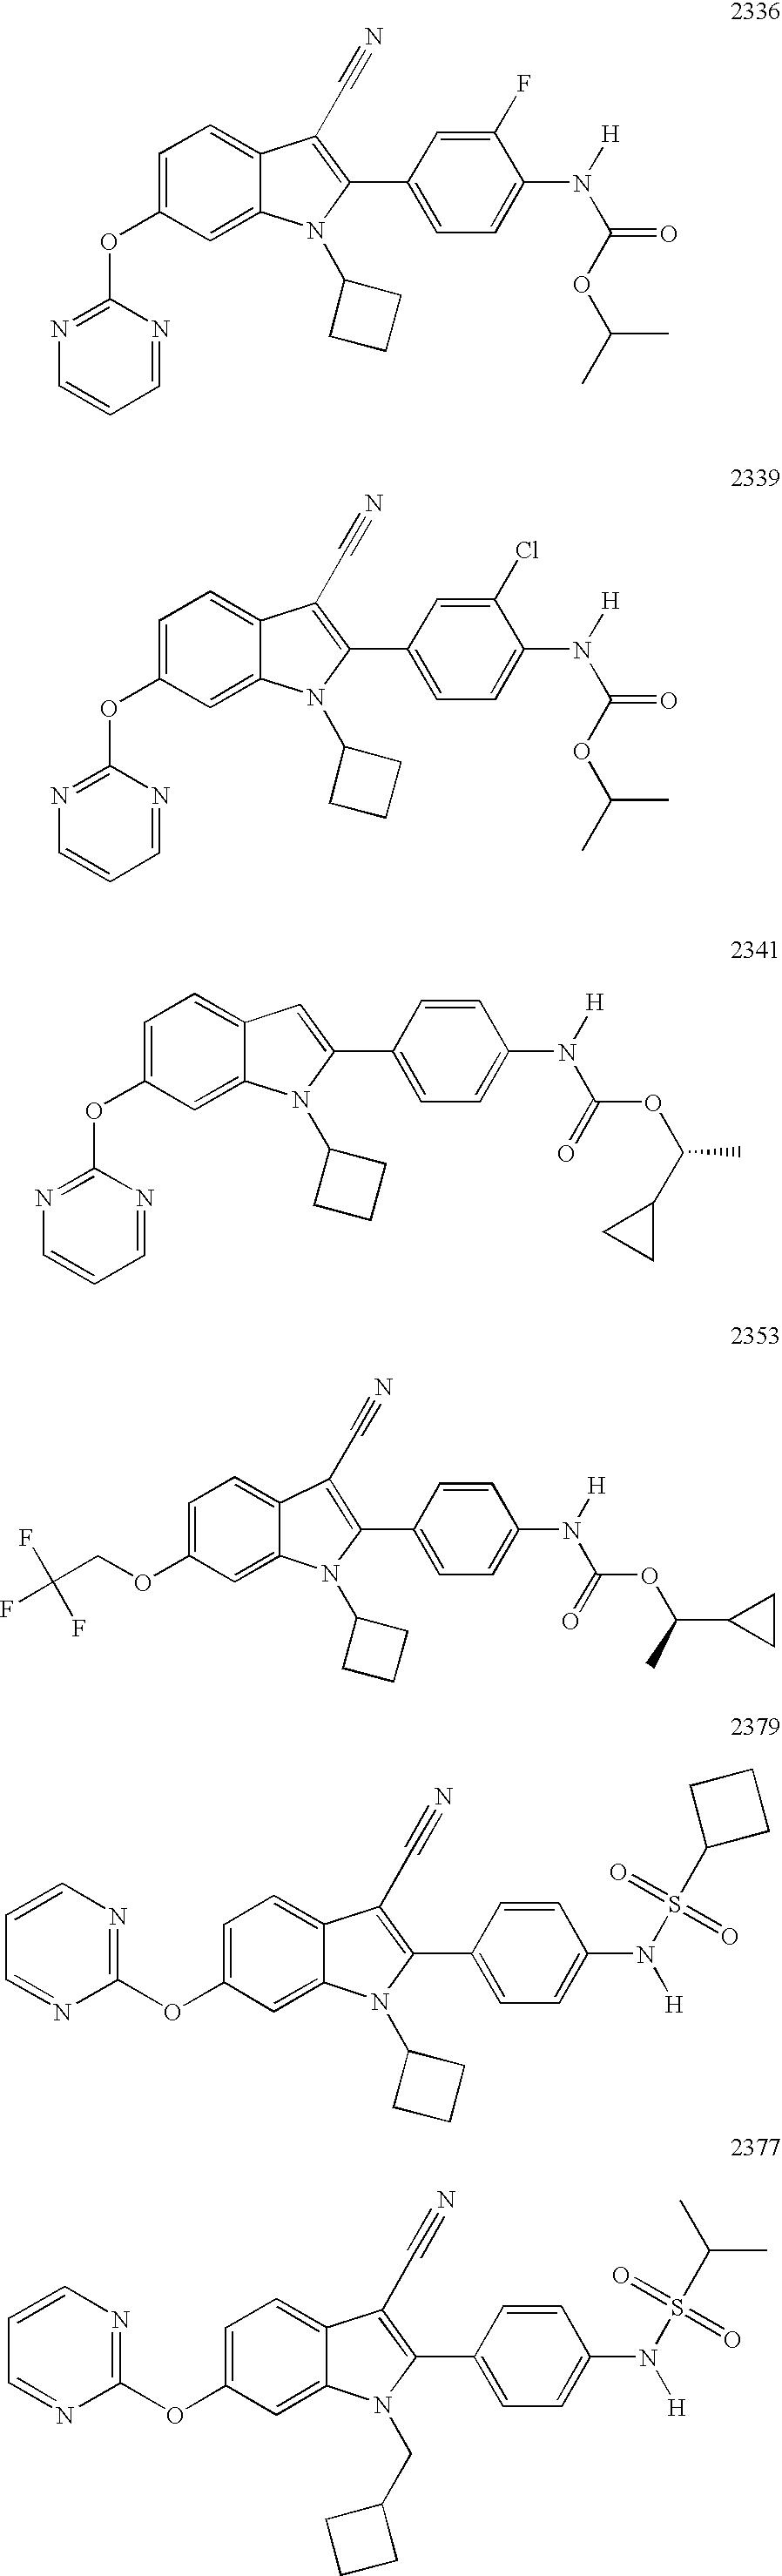 Figure US07781478-20100824-C00100